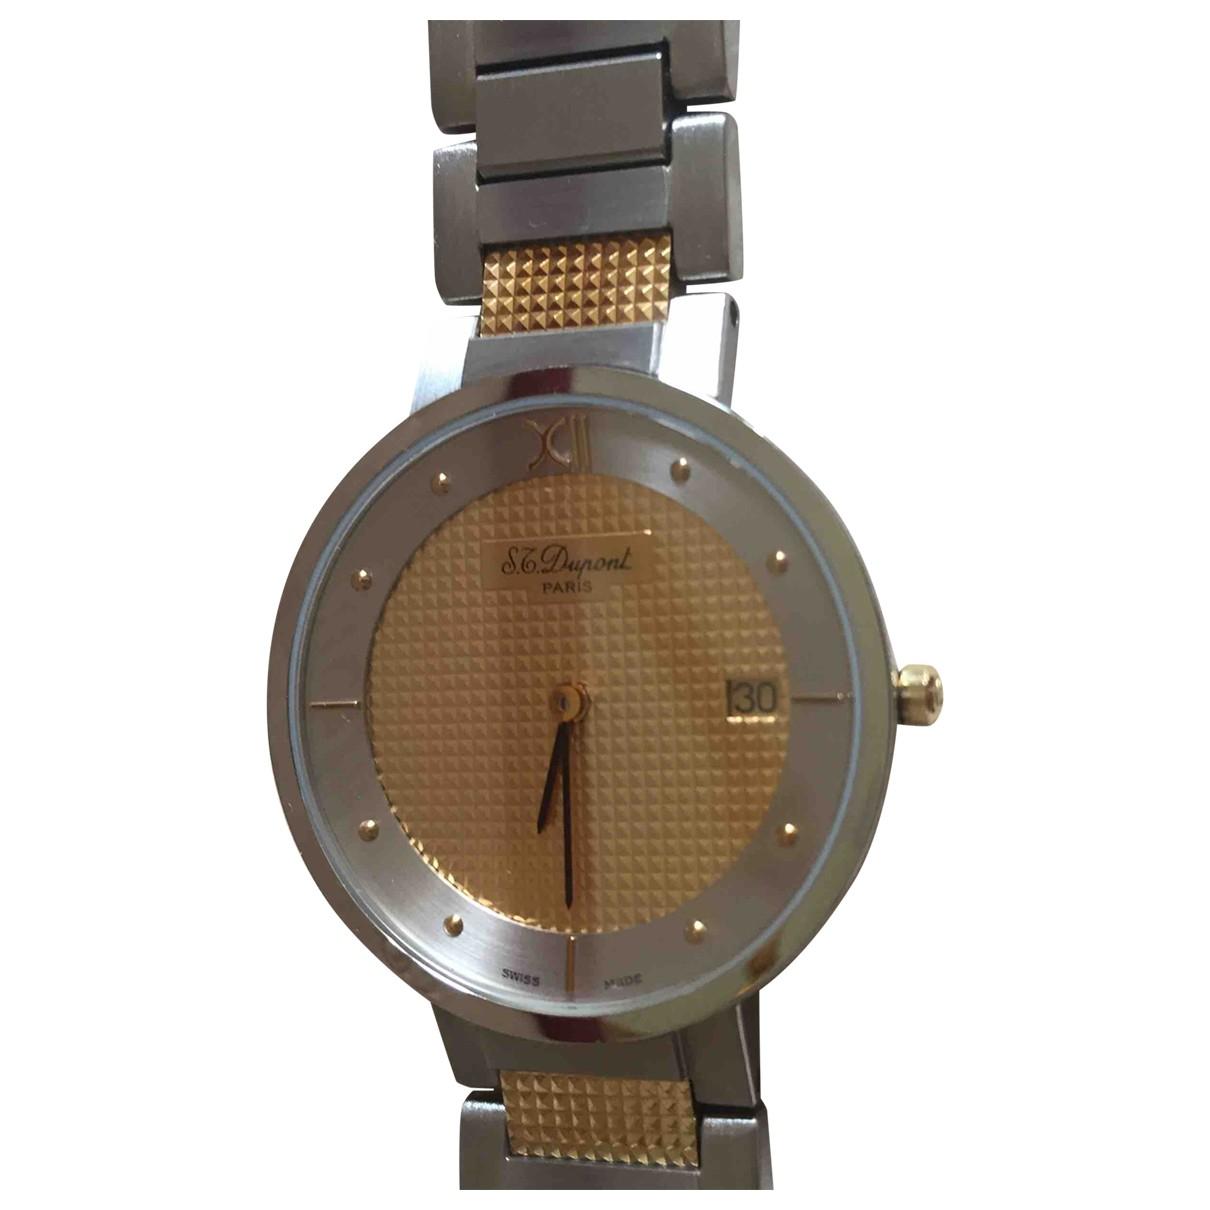 S.t. Dupont - Montre   pour homme en or et acier - multicolore